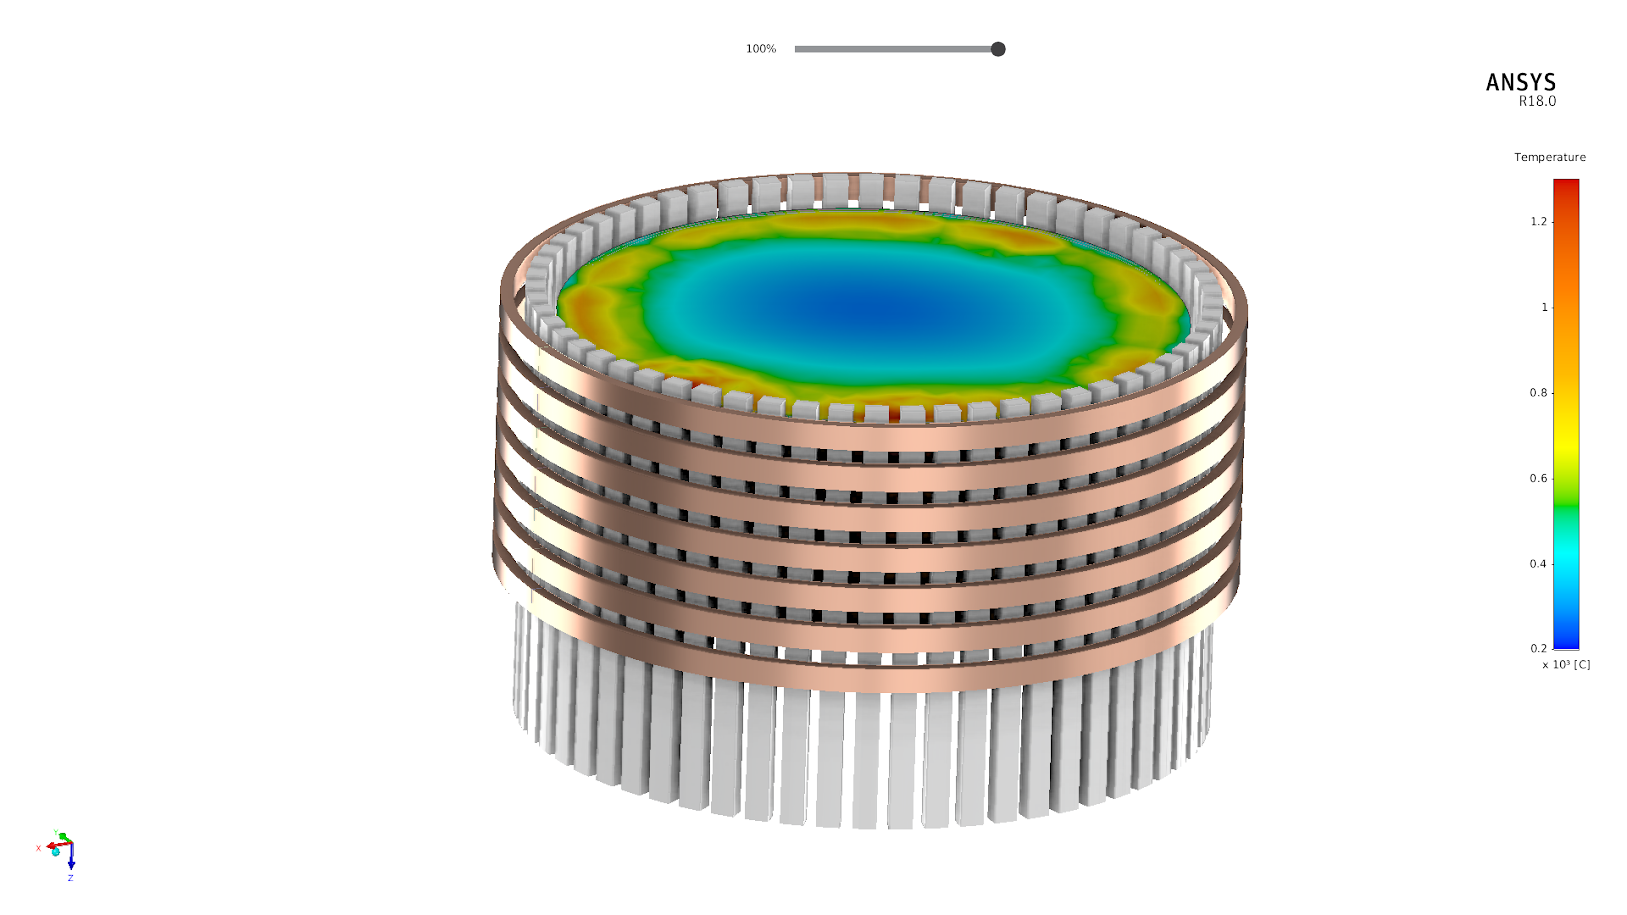 Расчёт в ANSYS AIM стационарного теплового состояния жидкого стекла при нагреве вихревыми токами